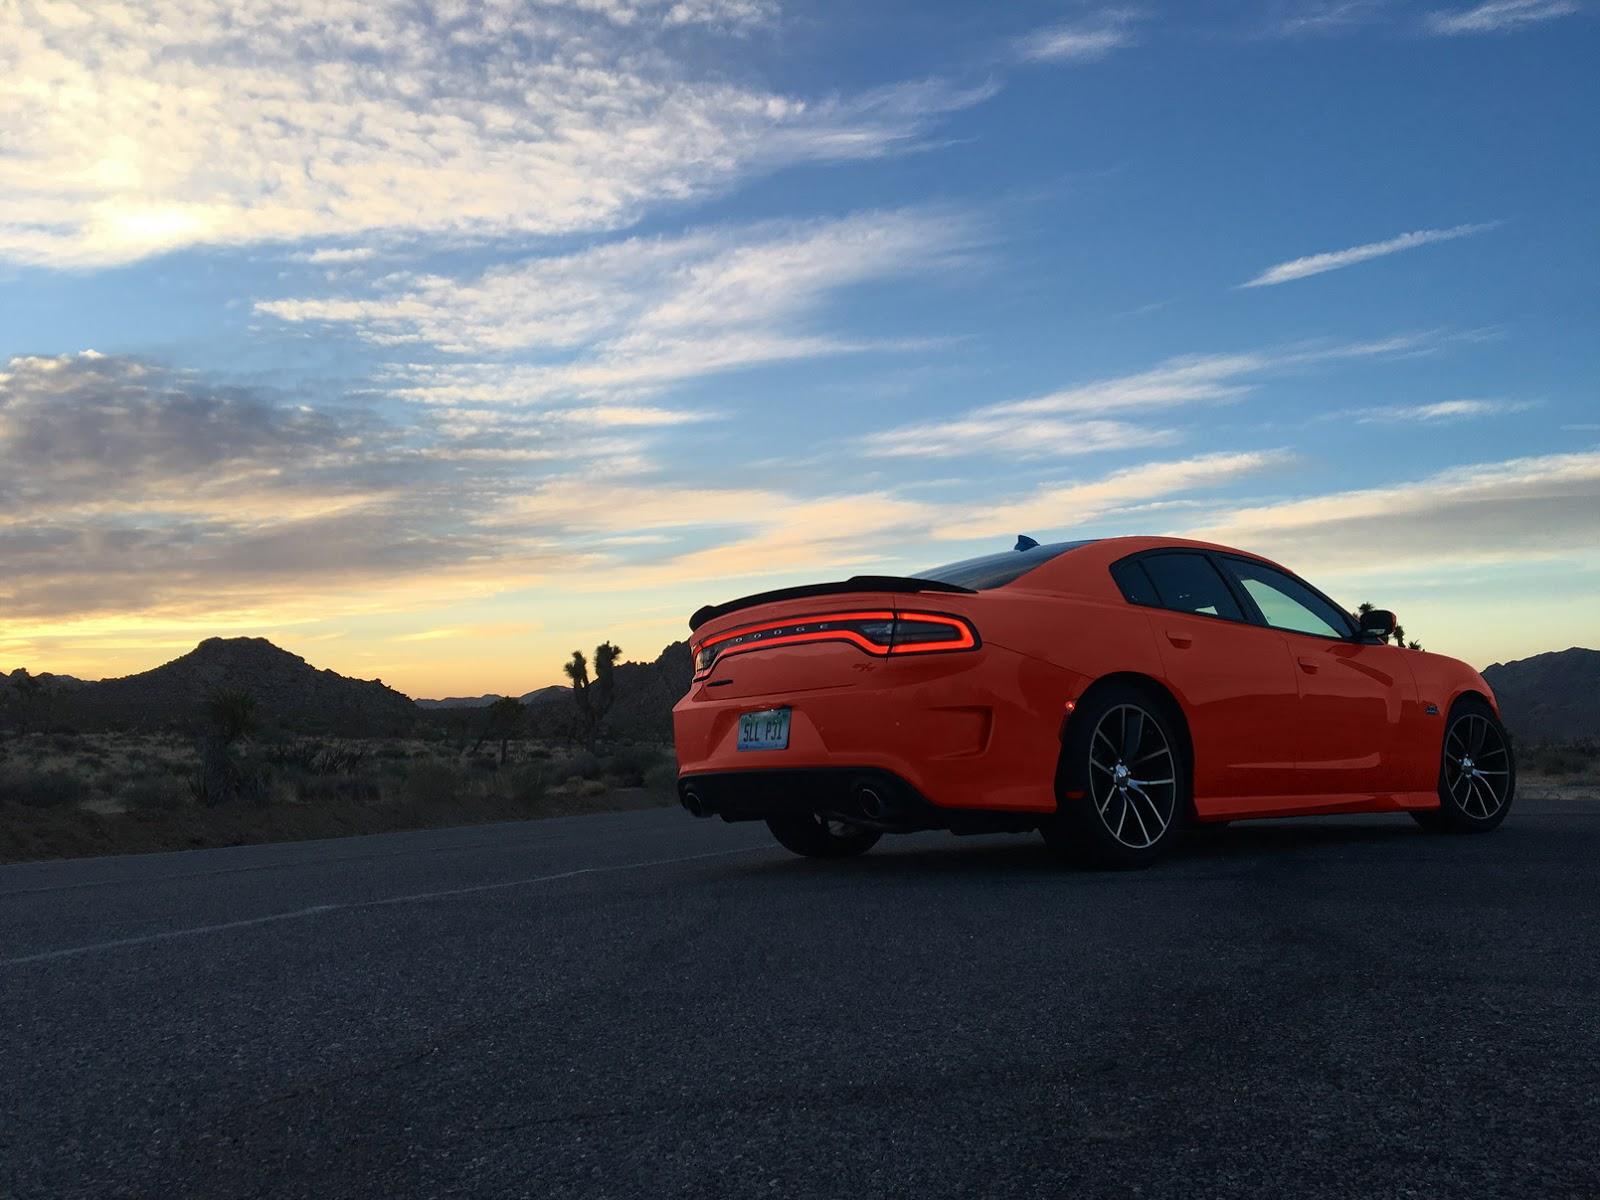 """""""فيات كرايسلر"""" ستؤجل طرح الأجيال القادمة من تشارجر وتشالنجر لعام 2020 Fiat Chrysler   المربع نت"""